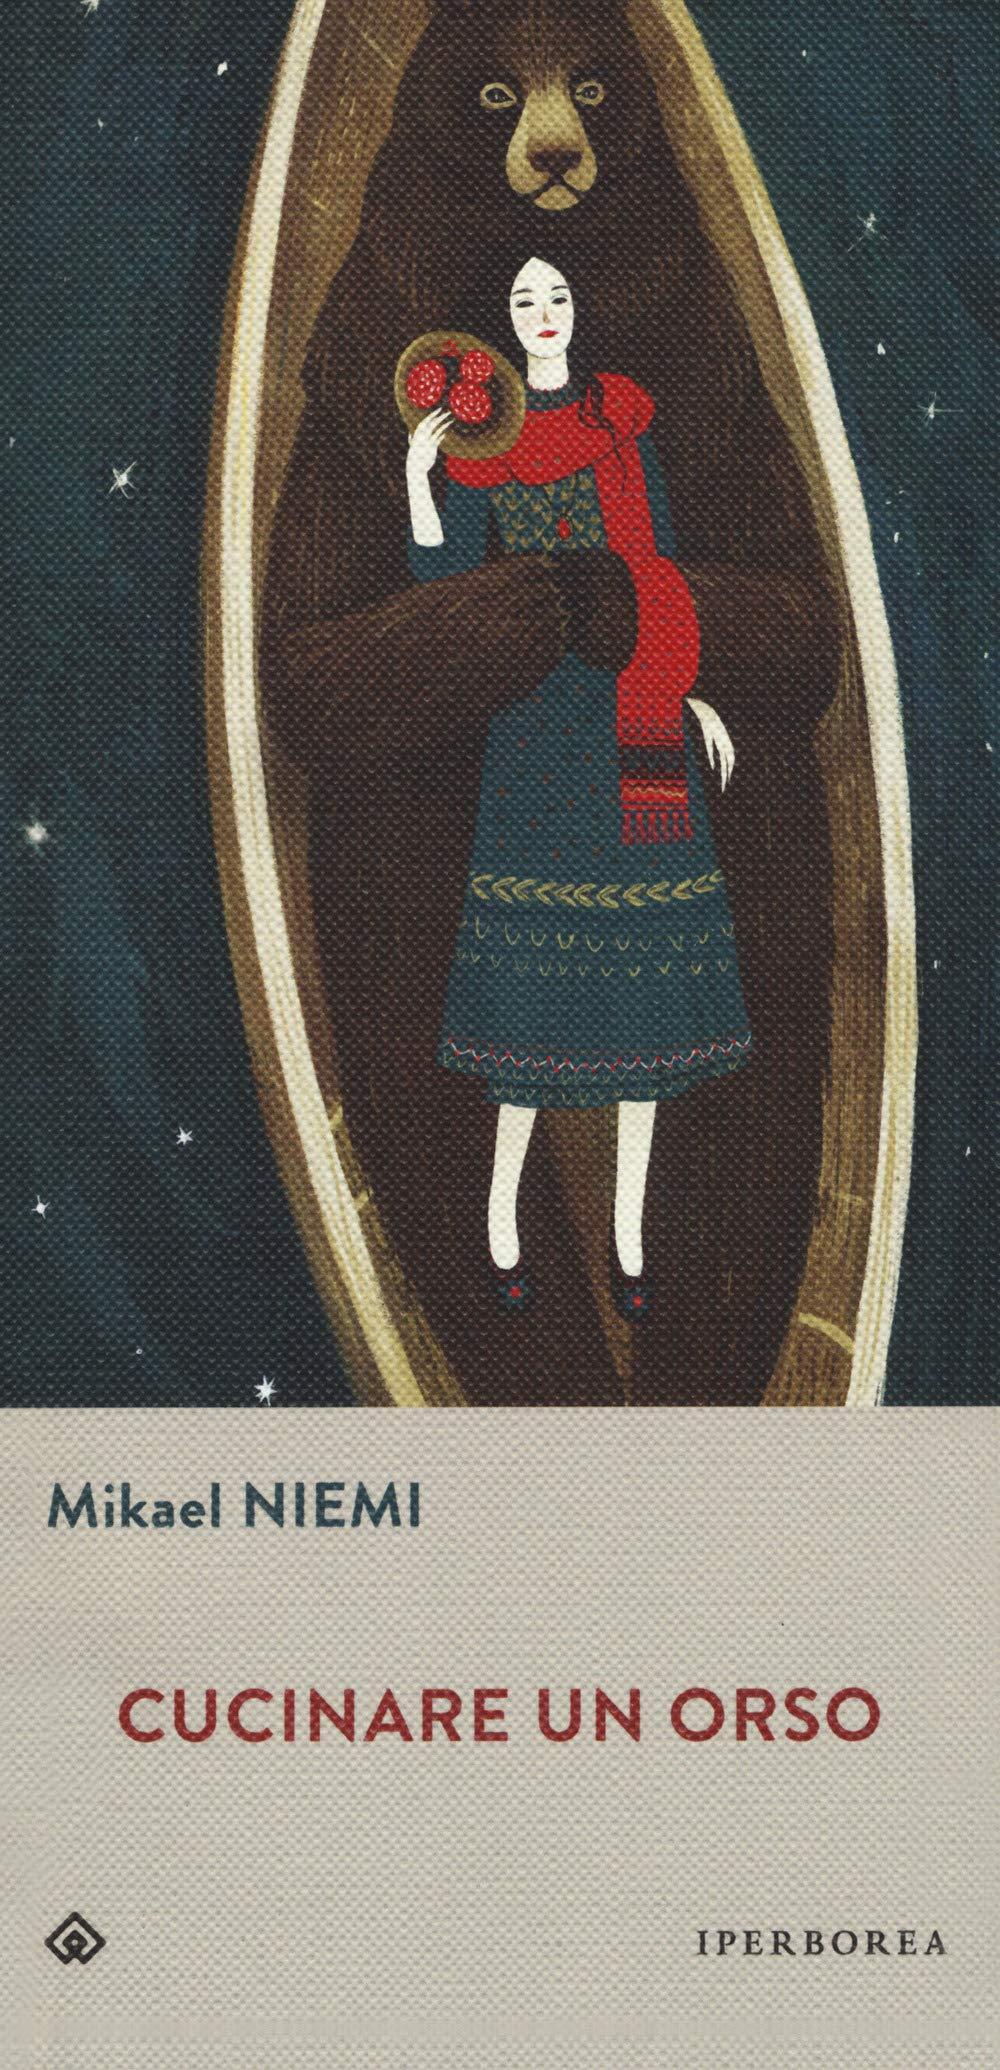 Cucinare un orso - Mikael Niemi - Natale 2019